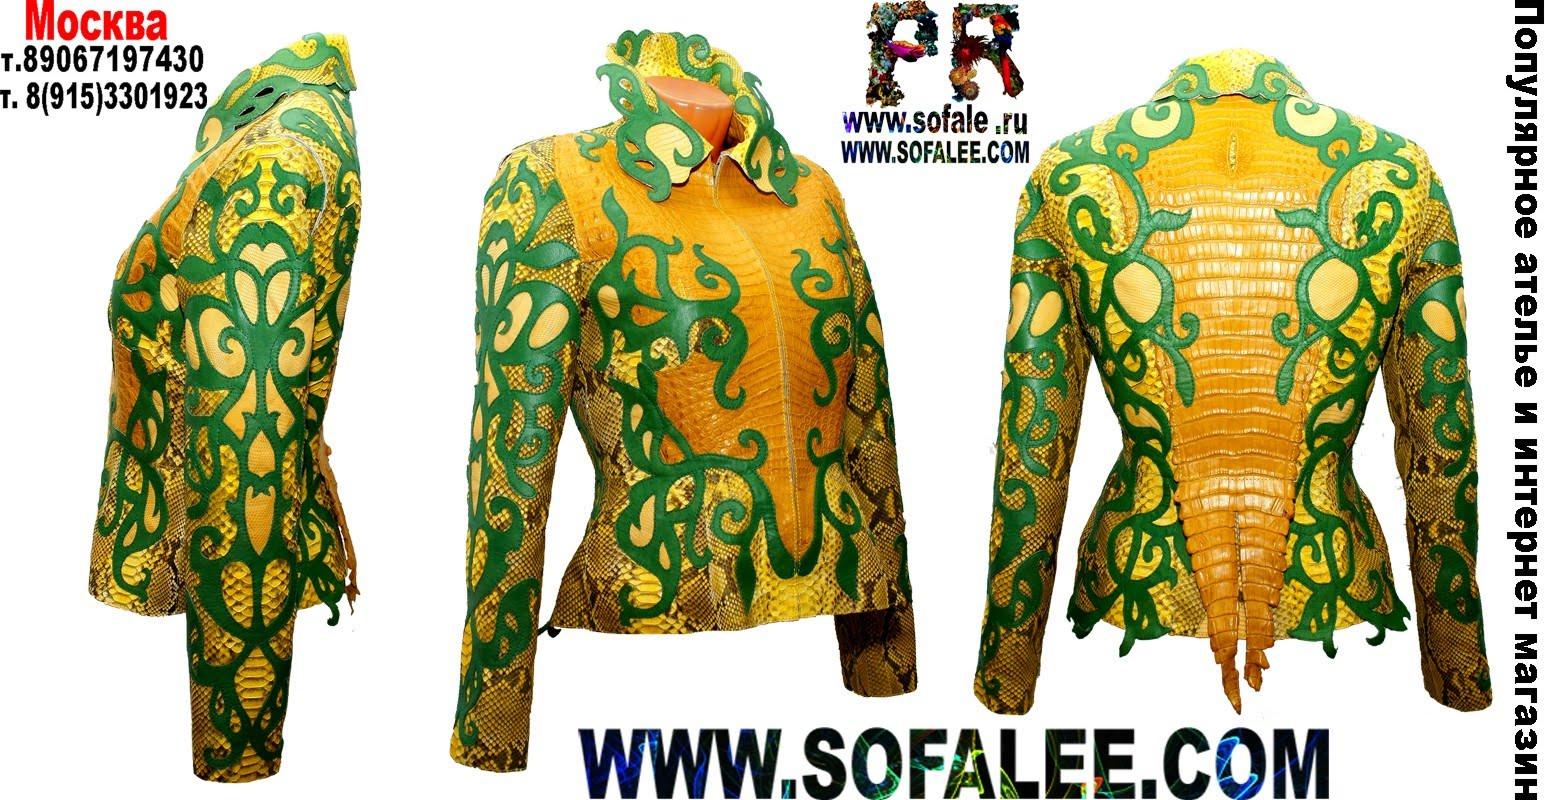 кожаная куртка из питона крокодила игуаны 10